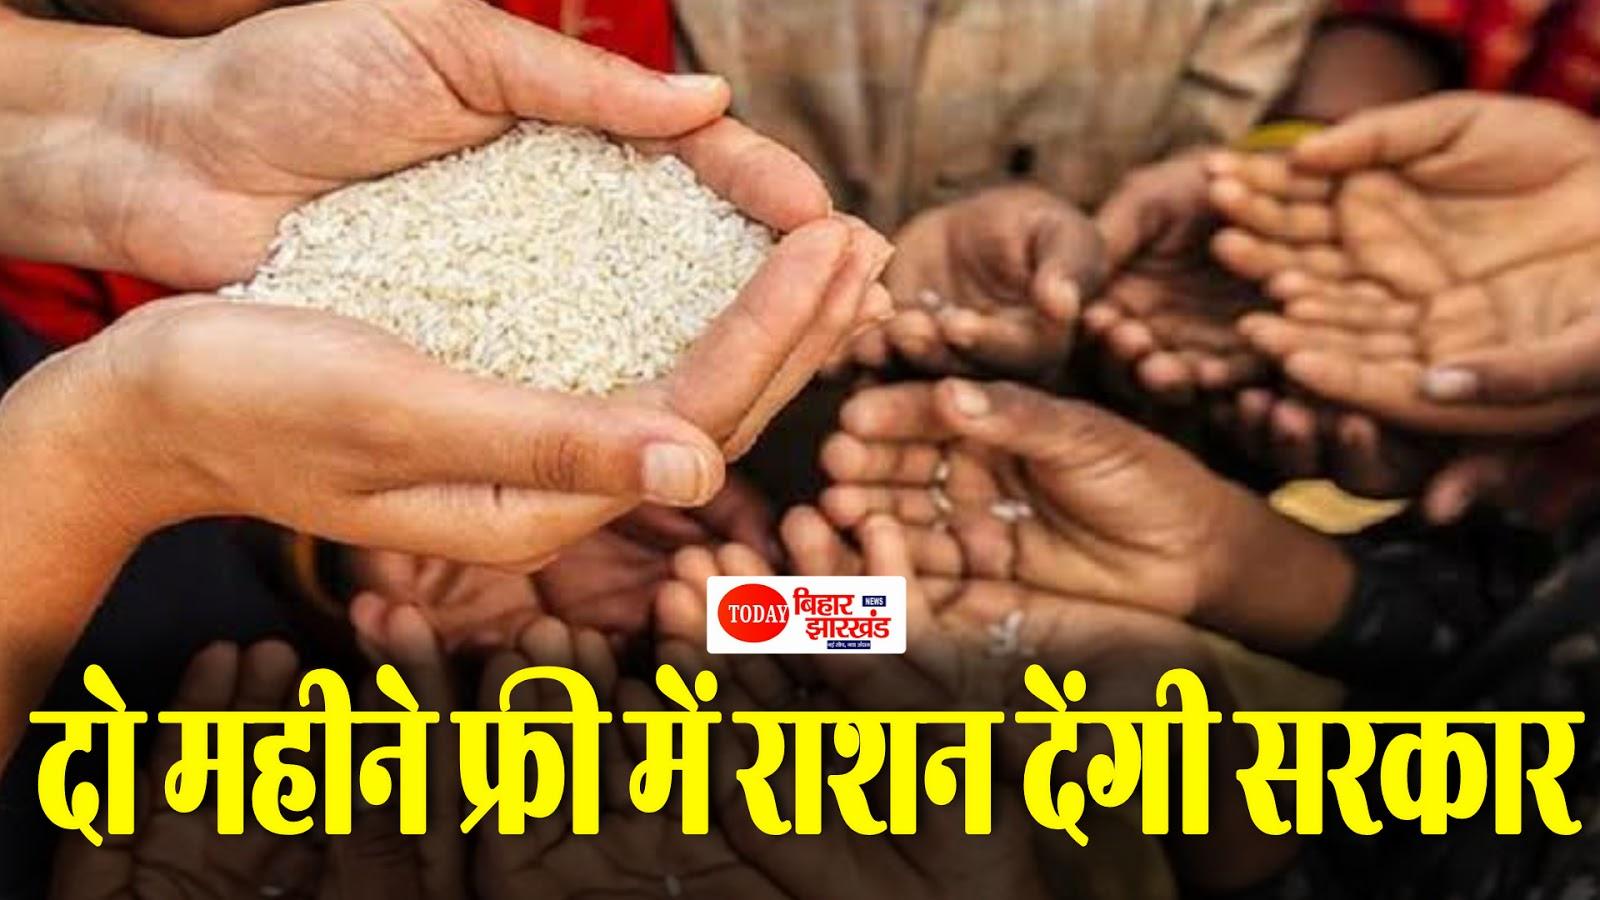 गरीबों के लिए बड़ा ऐलान, बिना राशन कार्ड वालों को 5 किलो मुफ्त अनाज देगी सरकार